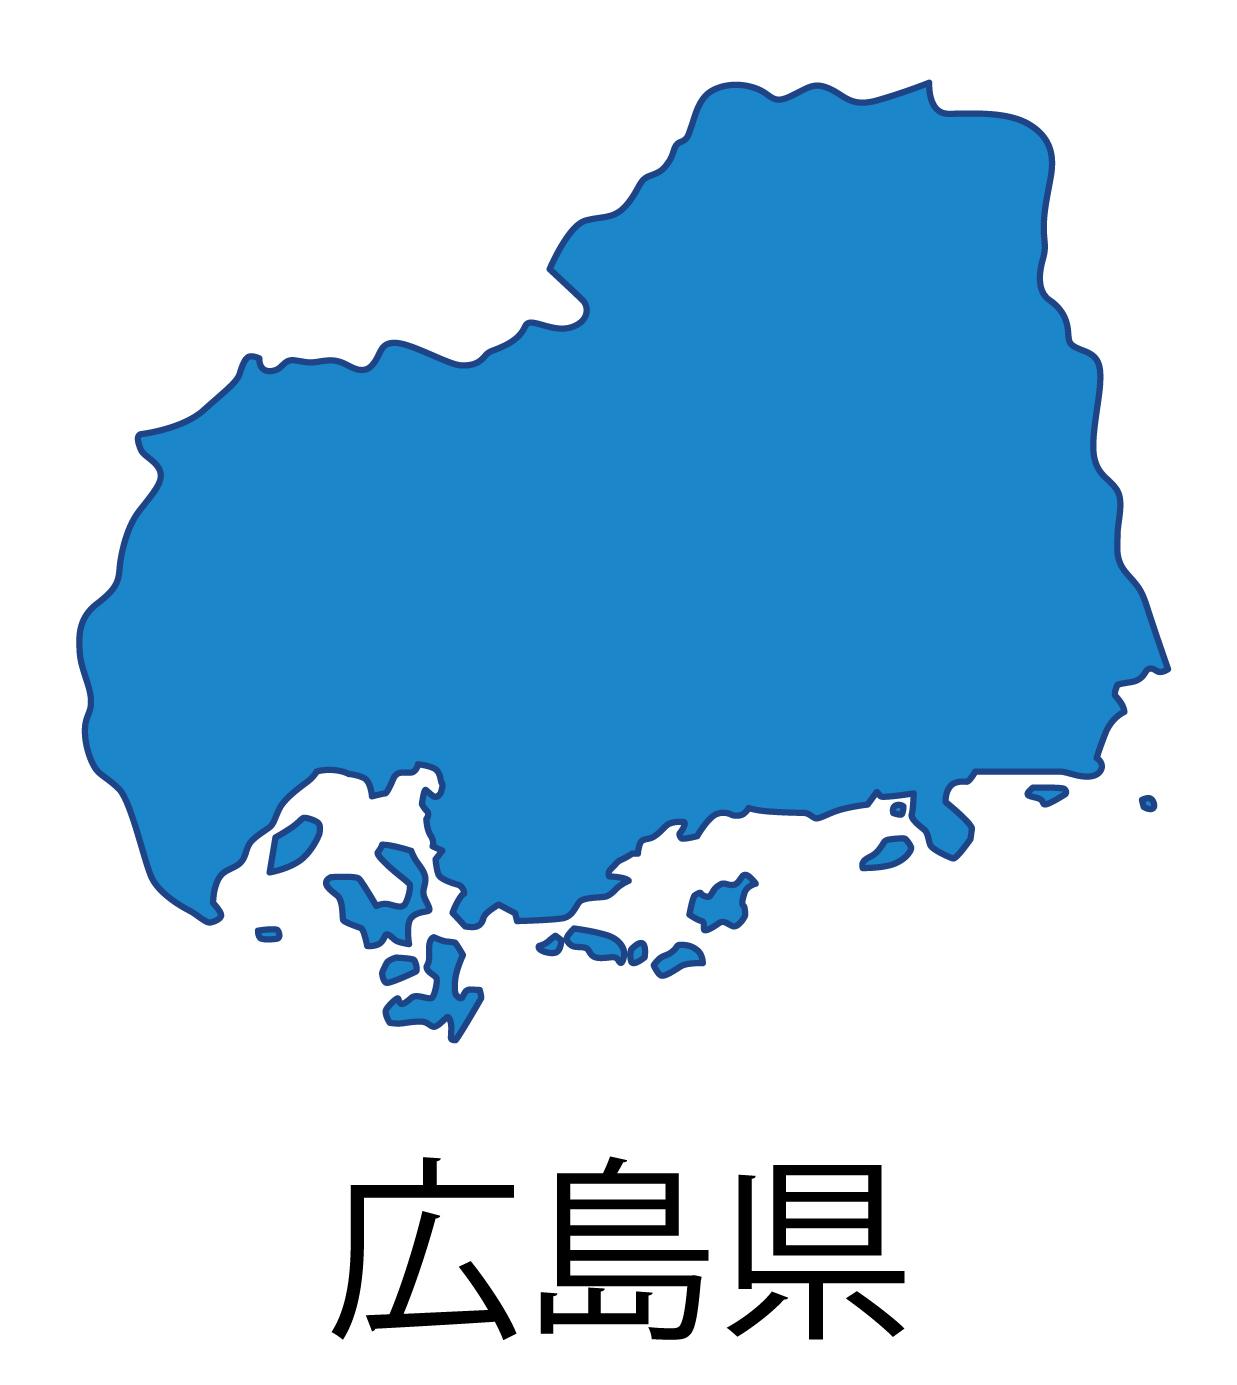 広島県無料フリーイラスト|日本語・都道府県名あり(青)